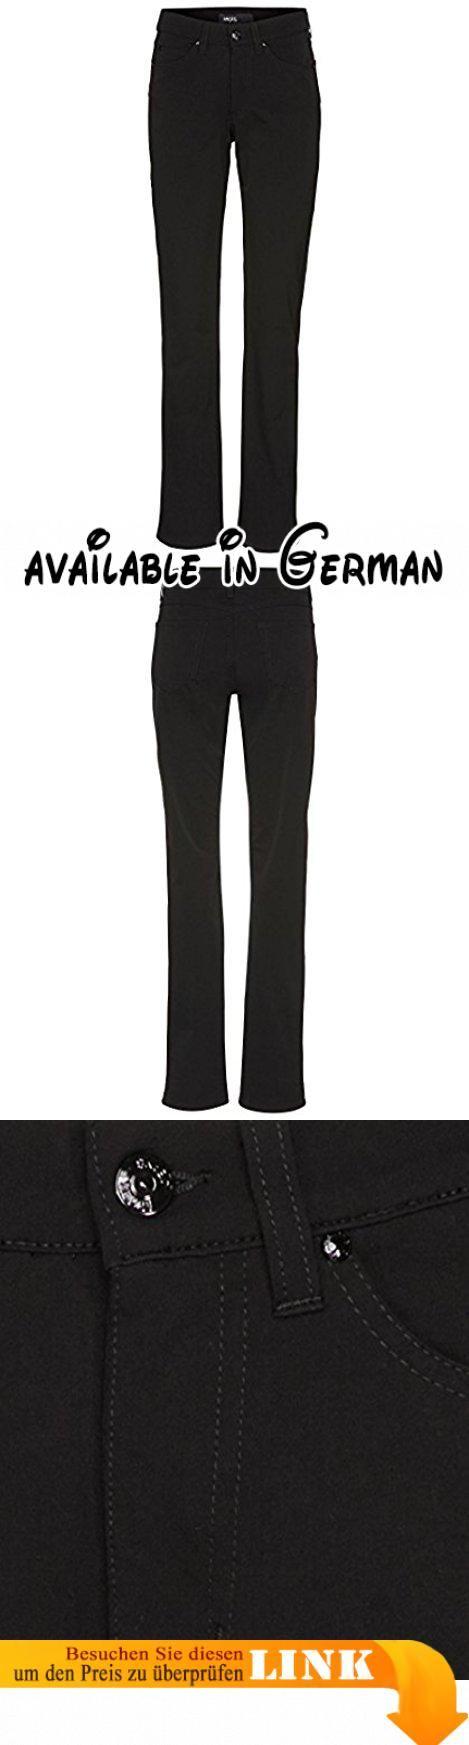 Dolly. Unifarbene Jeans im Five-Pocket-Stil. Hoher Tragekomfort dank Comfort Denim. Regular Fit mit geradem Bein. Vielseitig zu kombinieren. Bi-Strech Tecno comfort 360°: Formstabil und flexibel #Apparel #PANTS